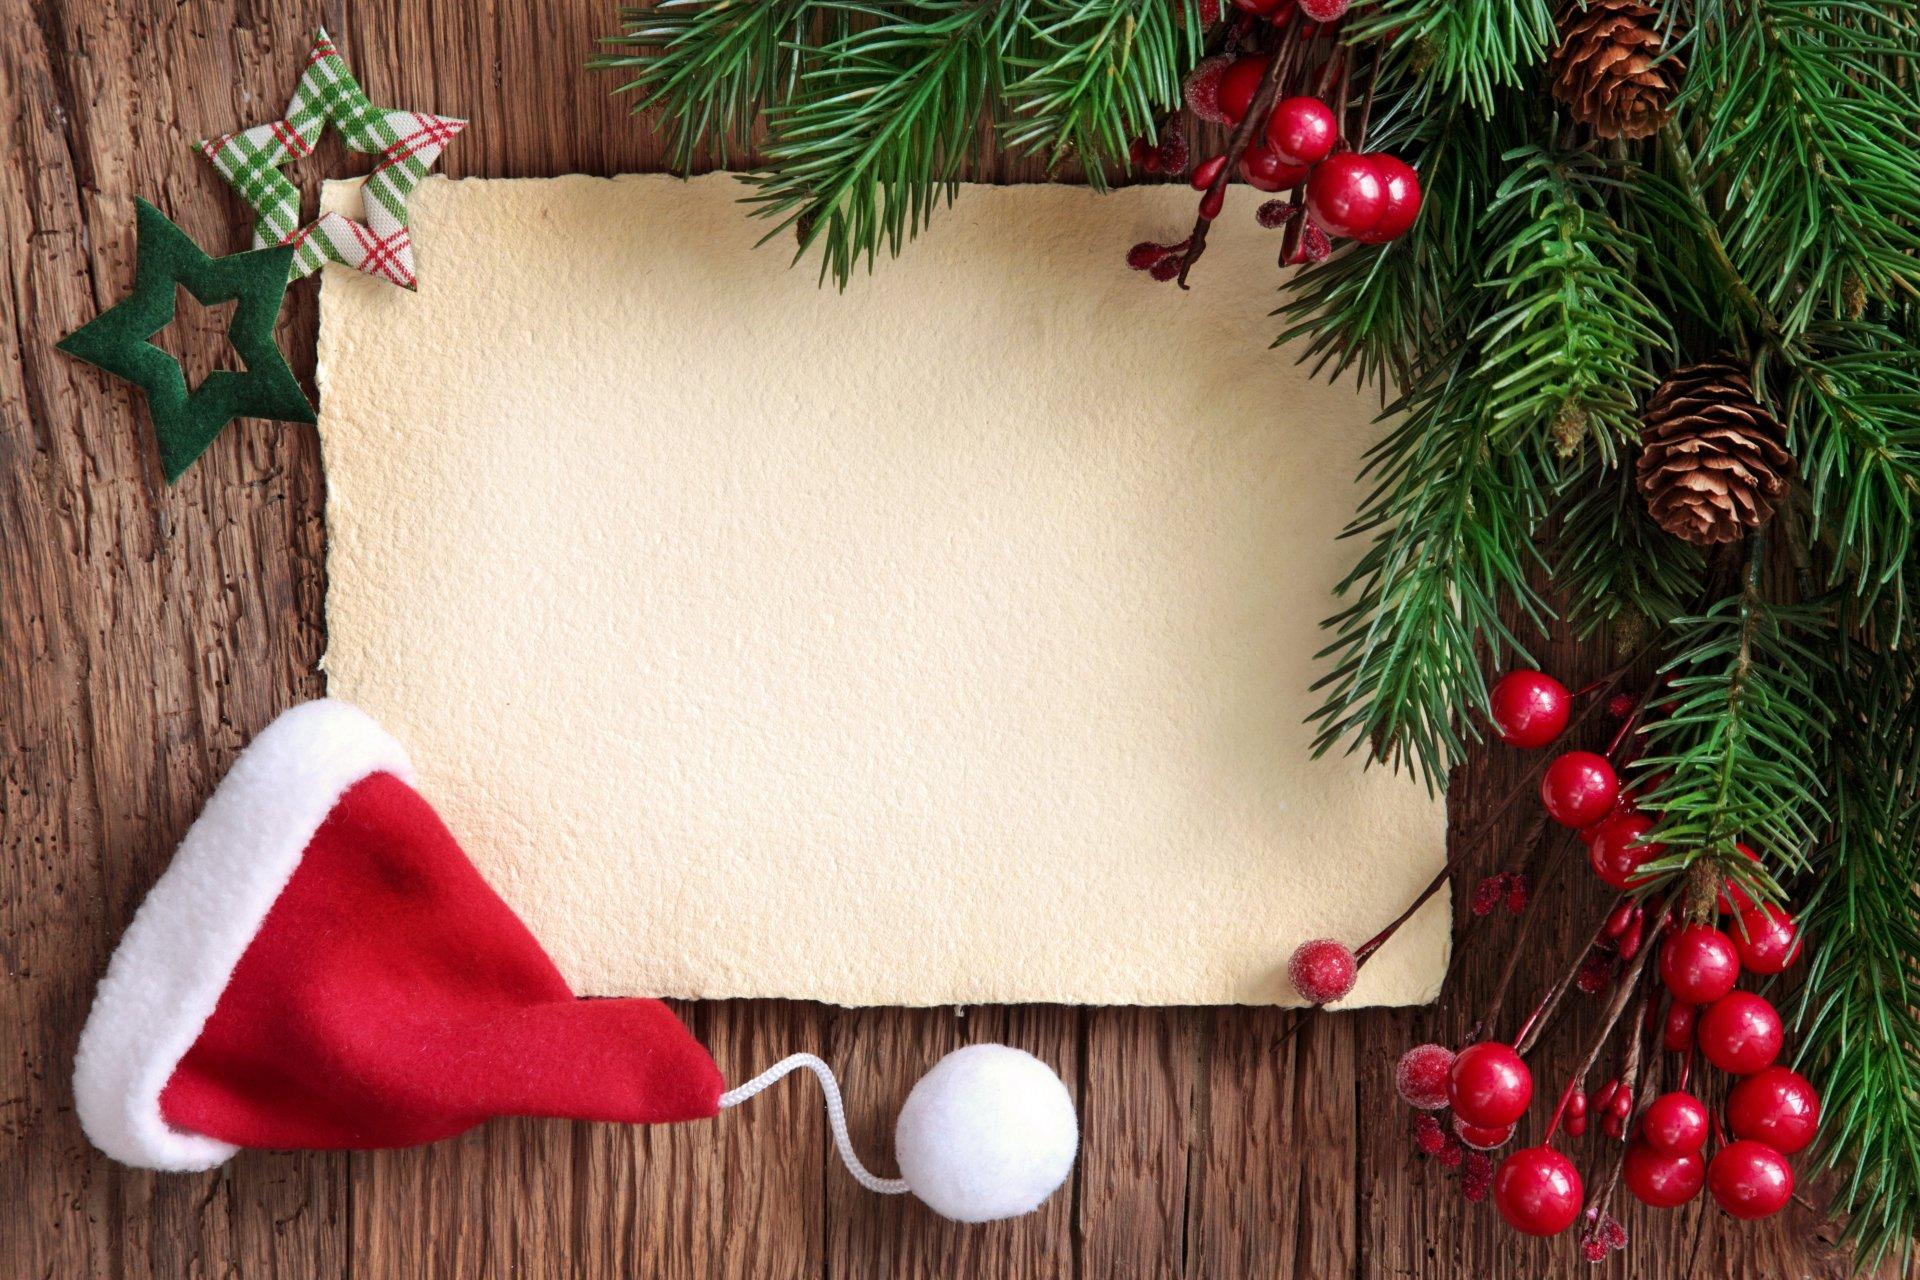 new-year-christmas-fir-tree-santa-hat-wood-rozhdestvo-novyj-god-ukrasheniya-elka-yagody